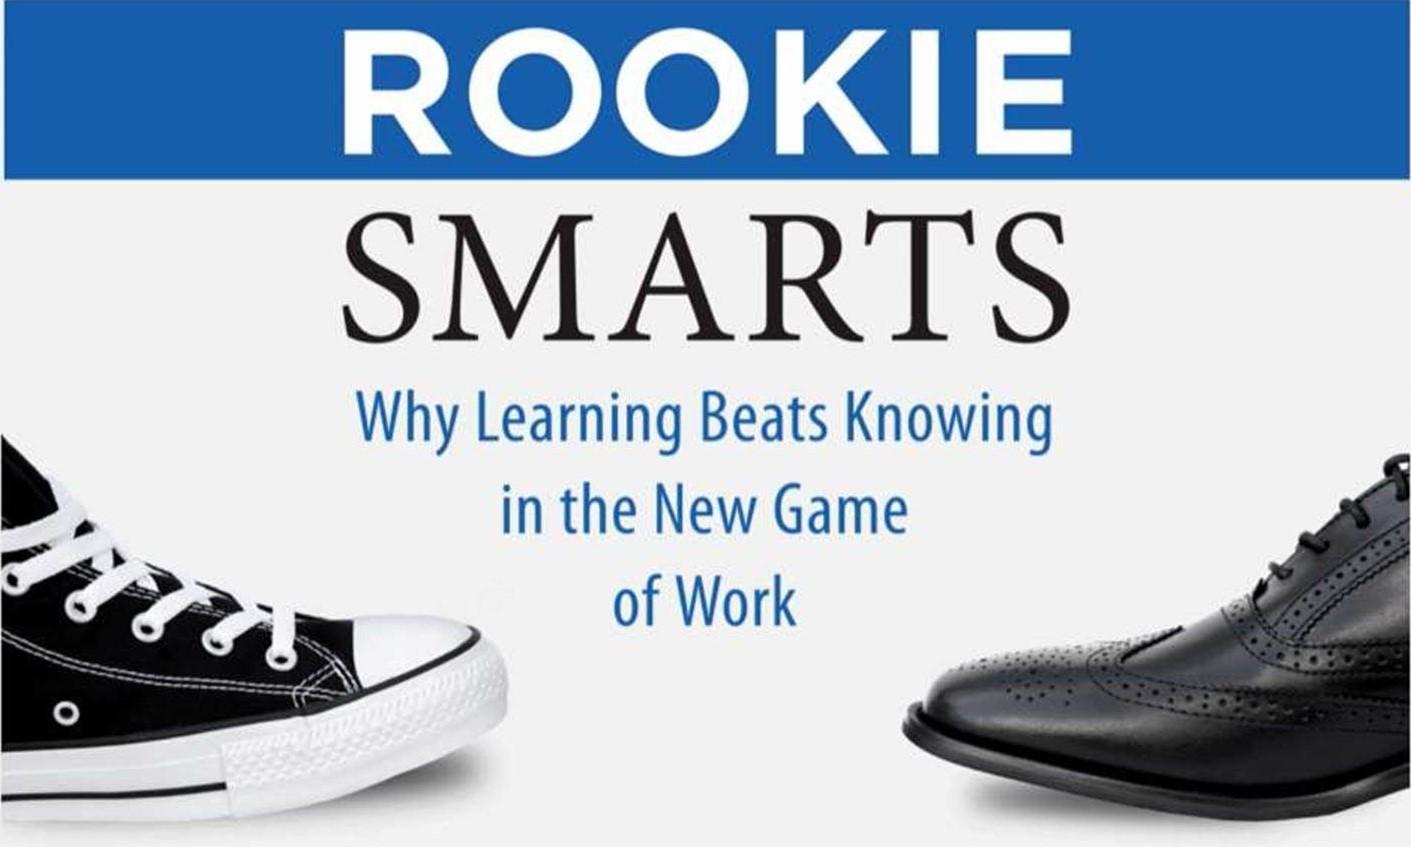 rookiesmarts.jpg